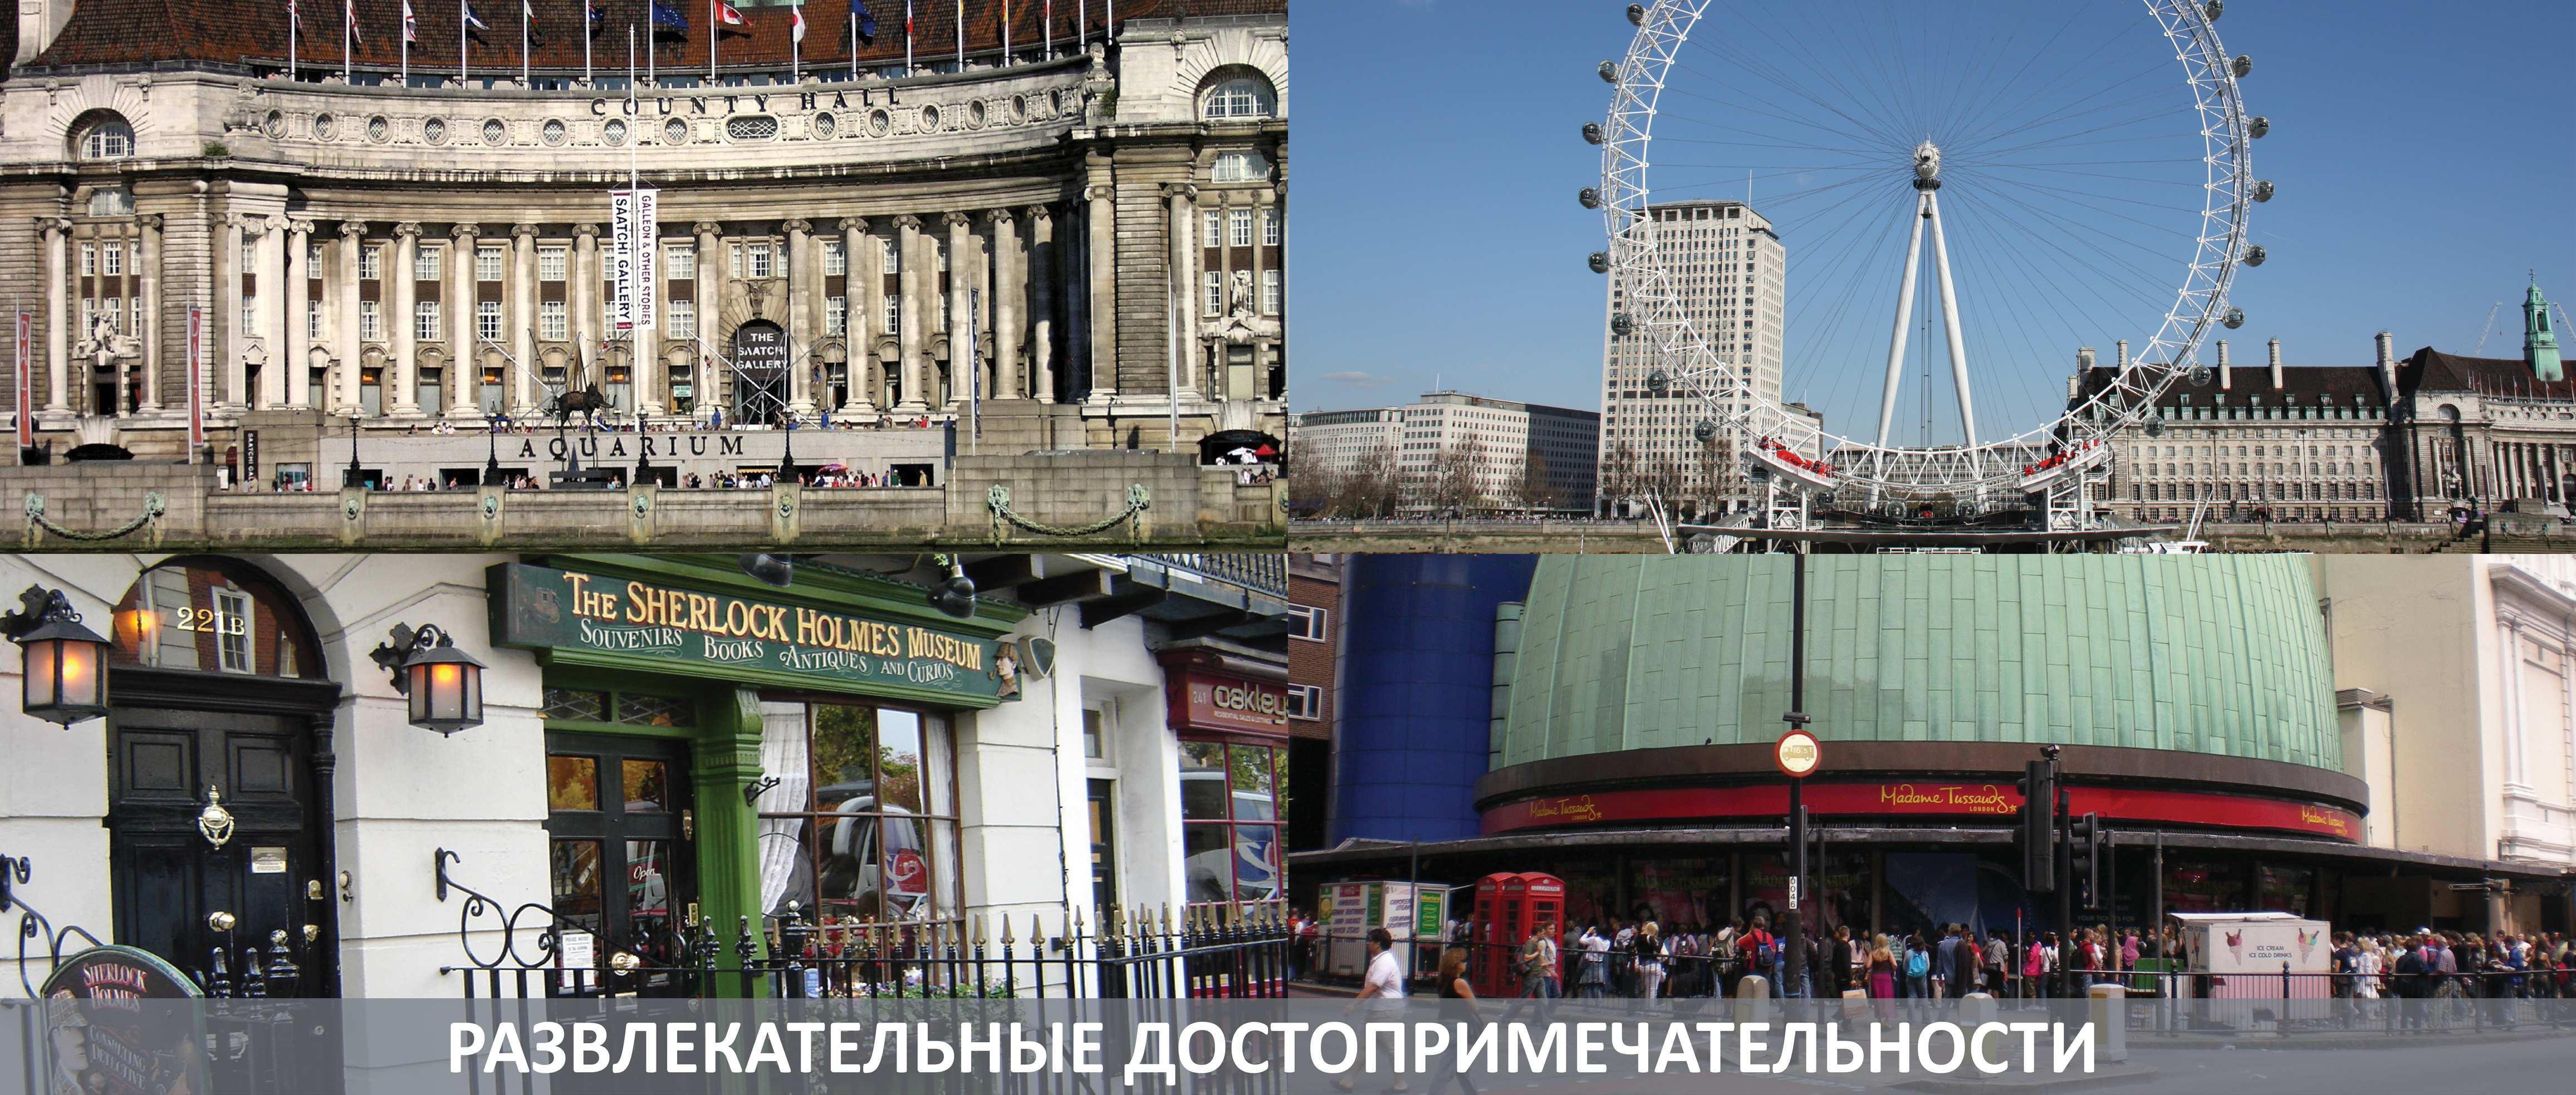 Достопримечательности Лондона : Развлекательные достопримечательности